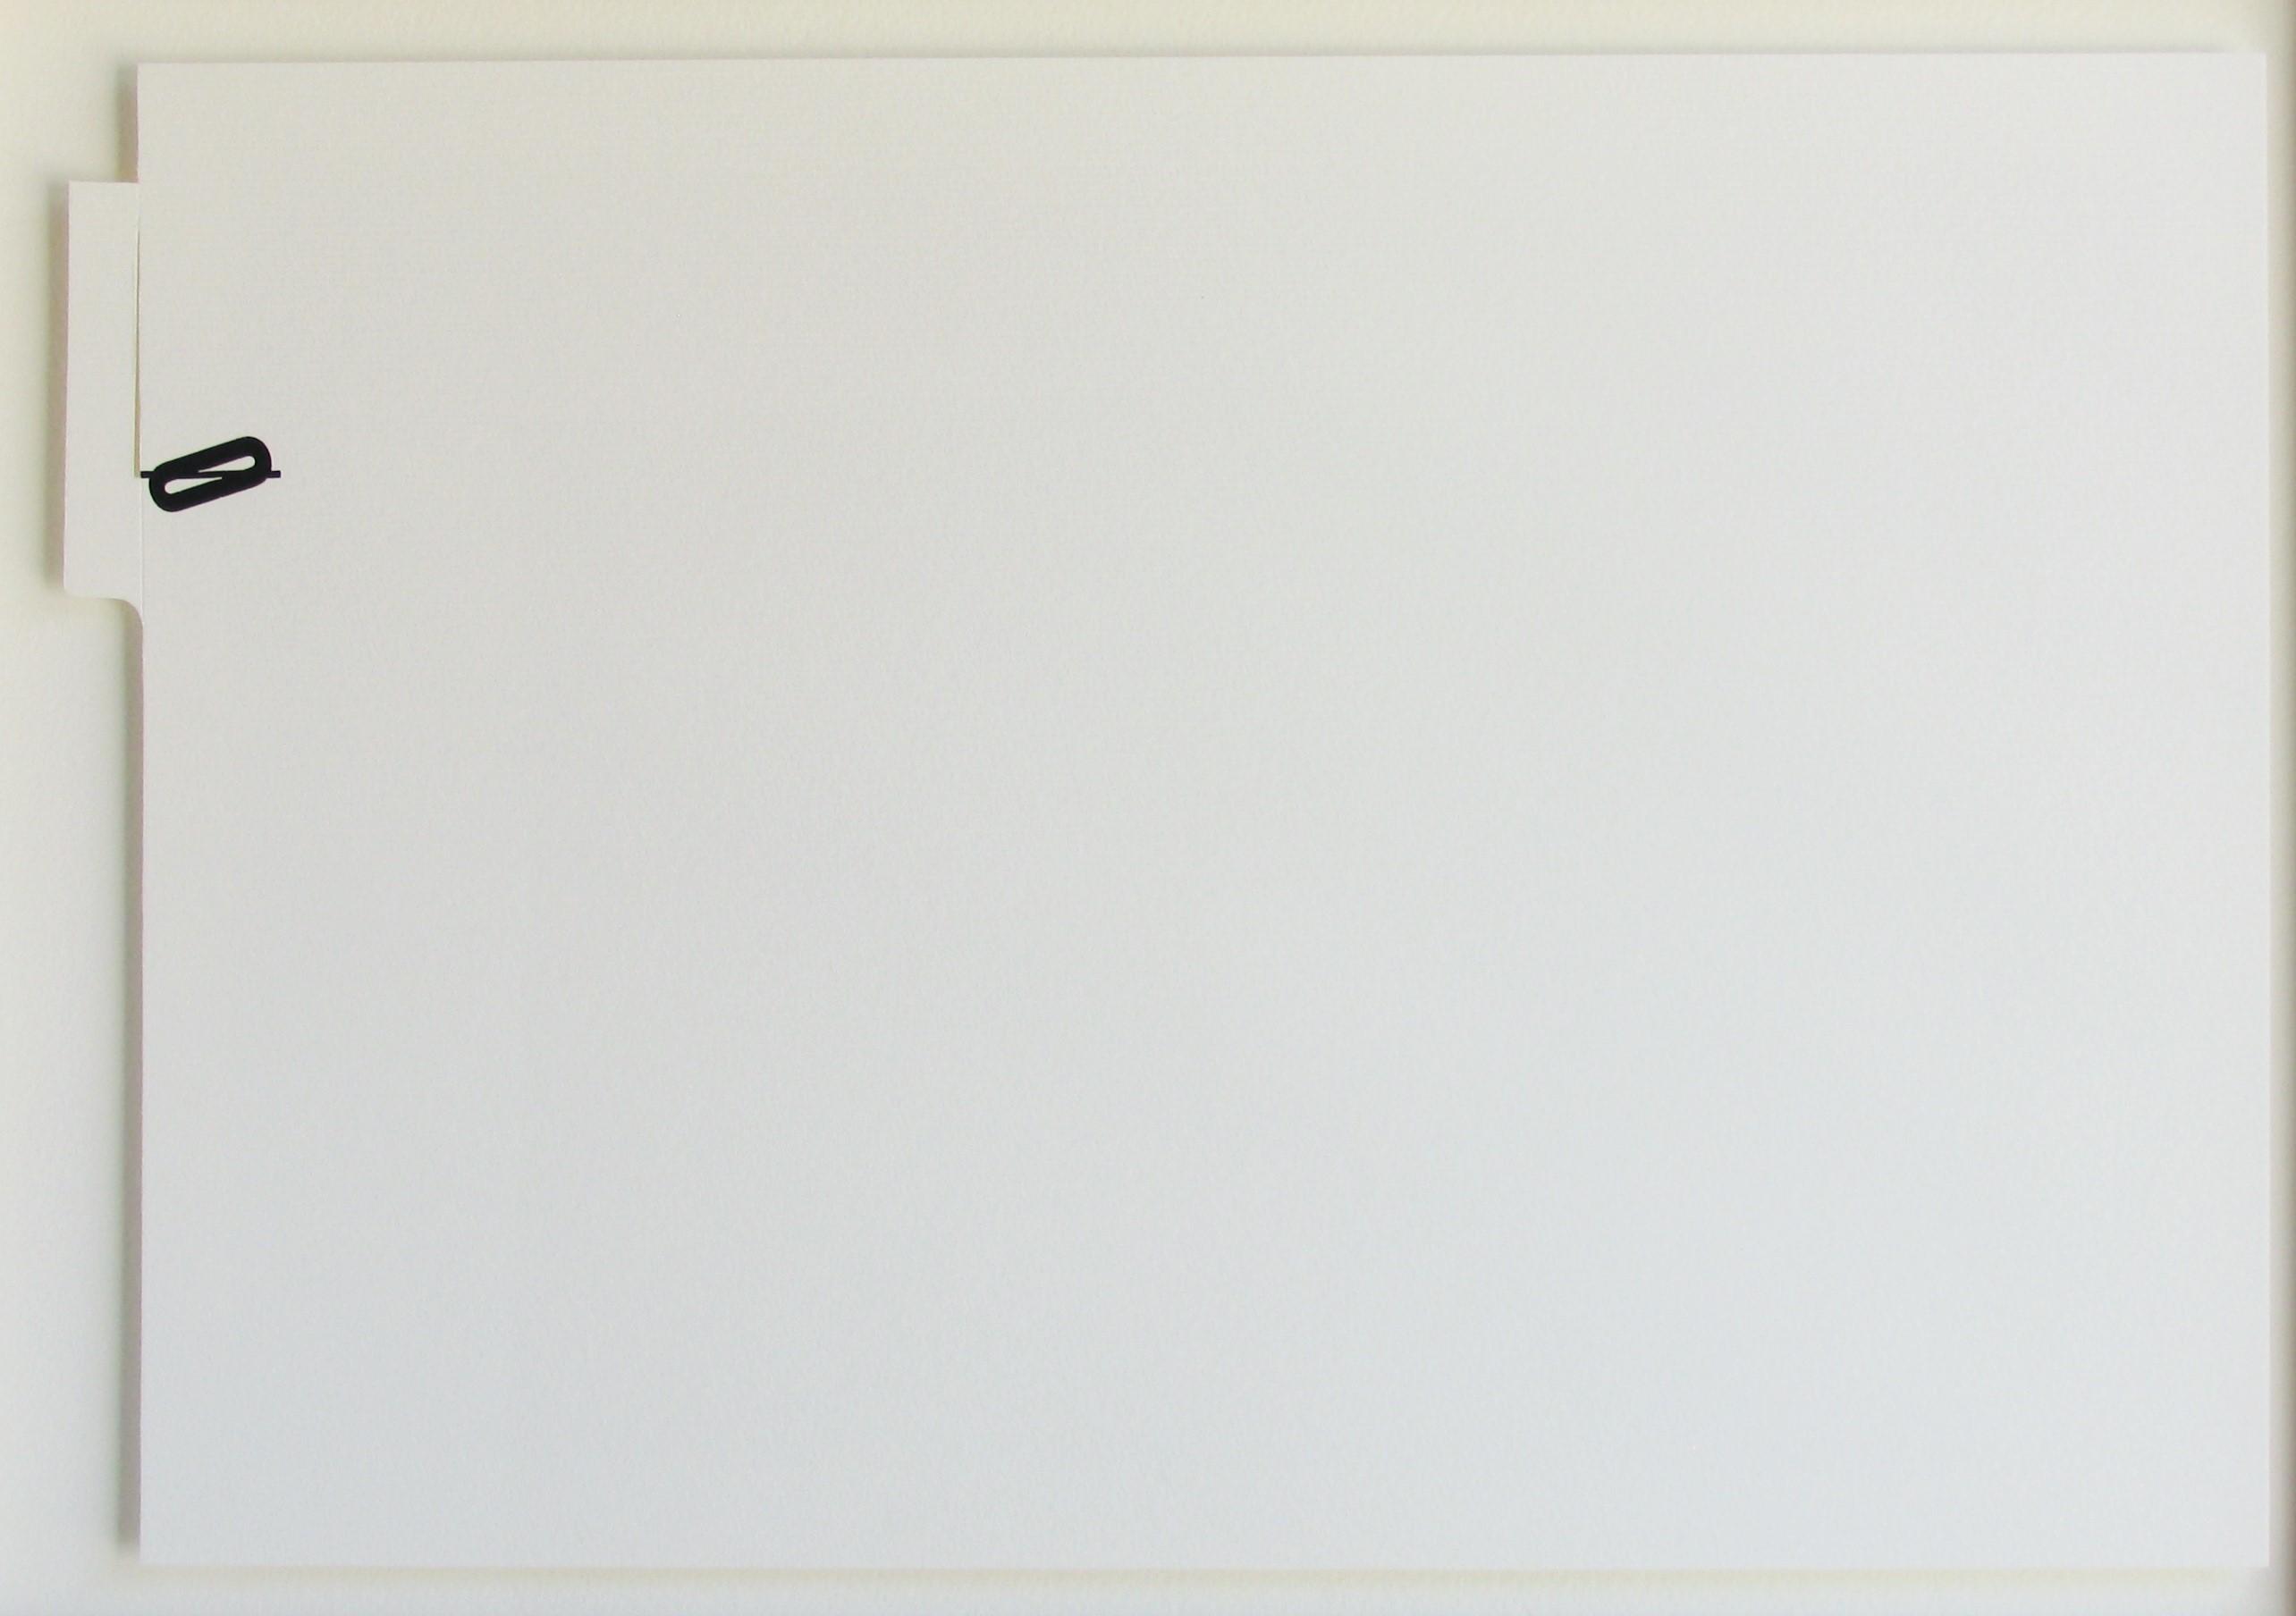 RECUOS 0, letraset e recorte sobre papel, 29,6 X 42 cm, 2011